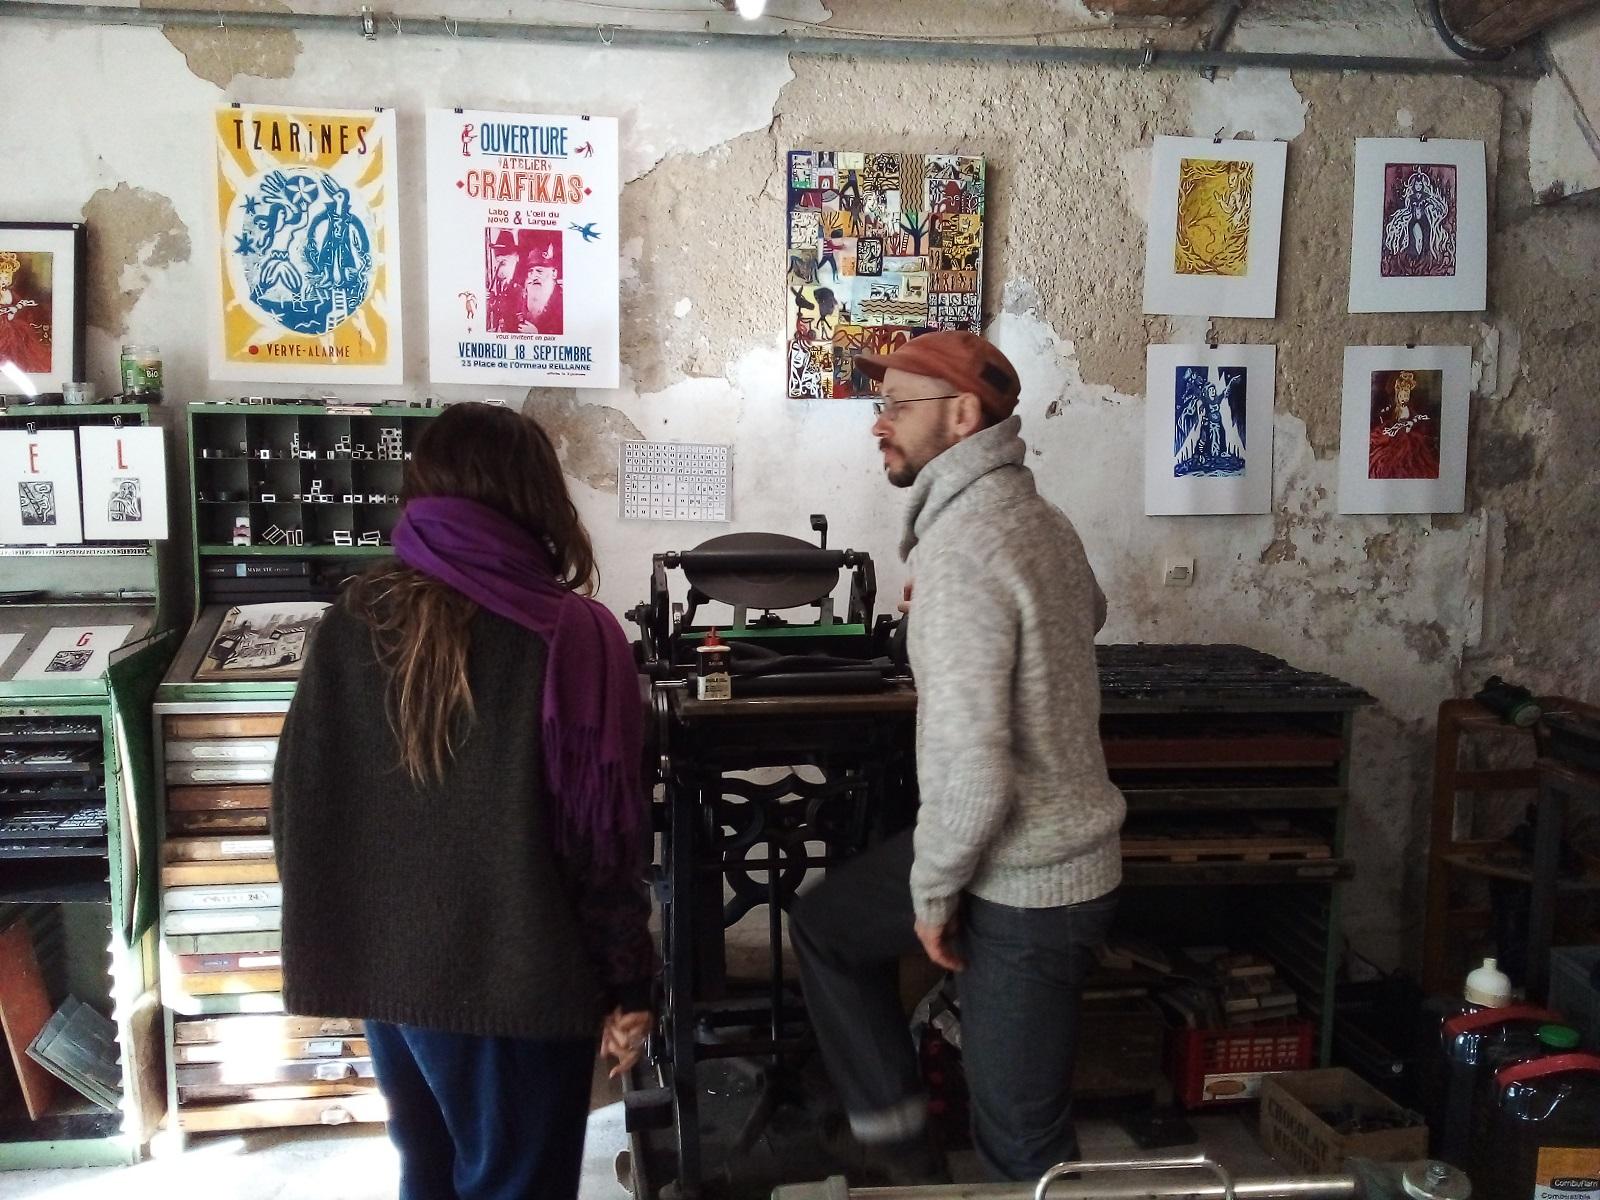 'Grafikas' un atelier de gravures à Reillanne